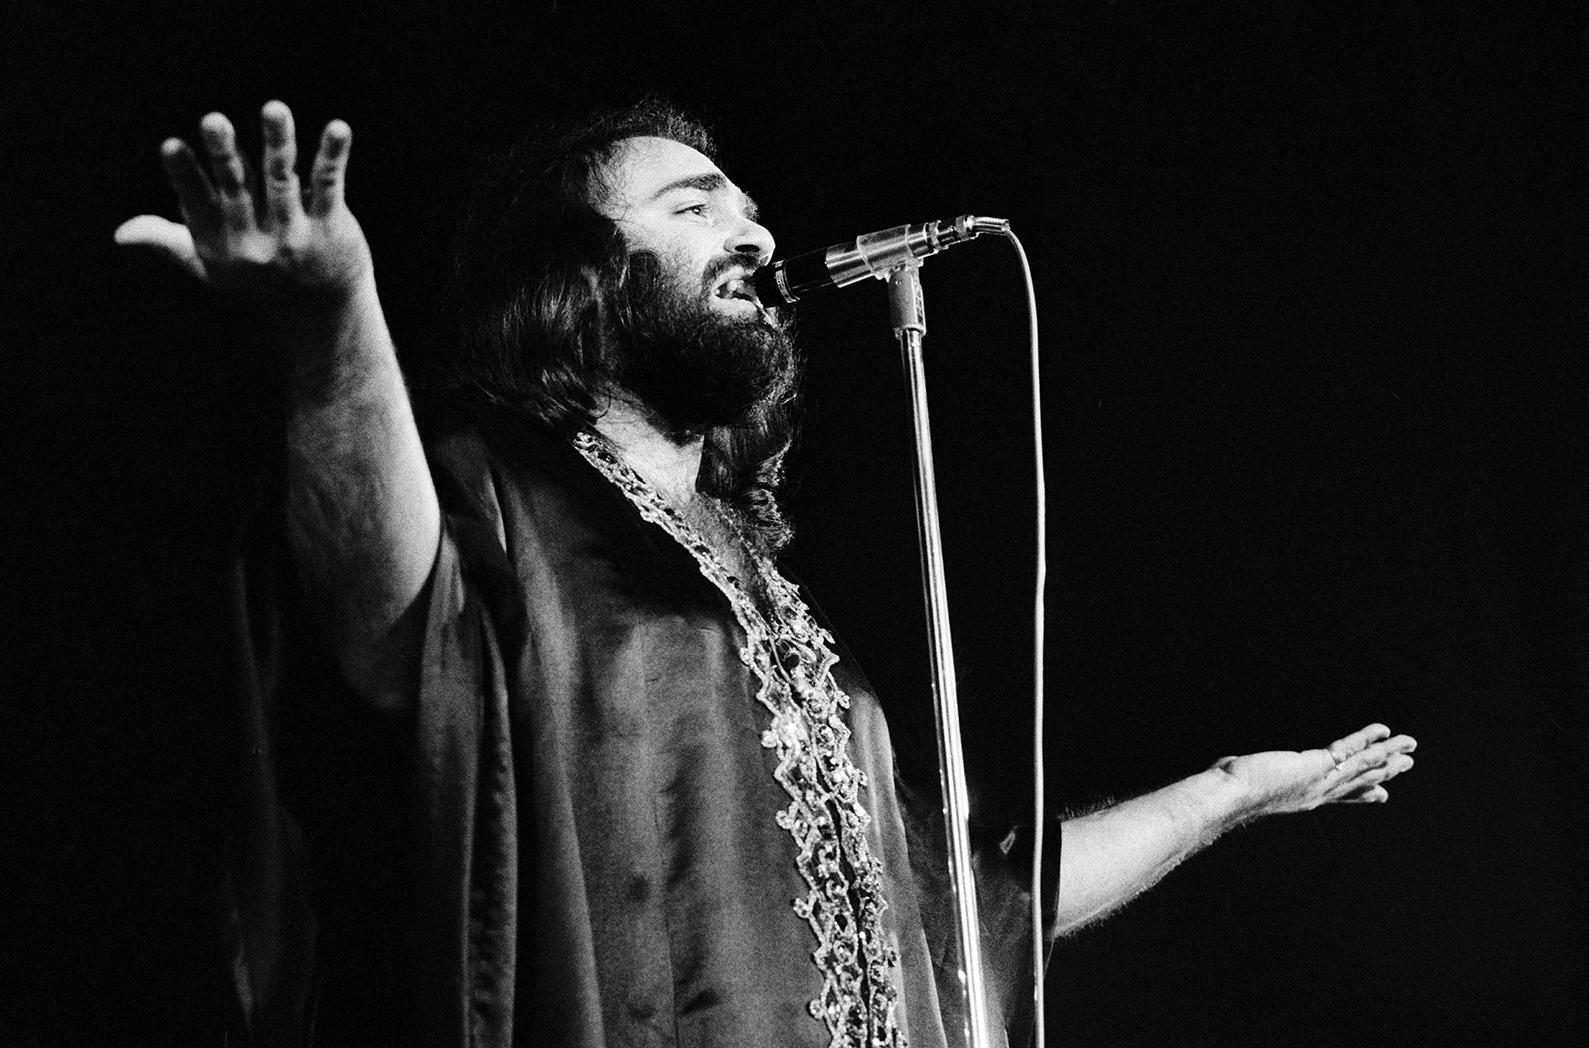 Demis Roussos durante una actuacion en Copenhague en Enero de 1974.